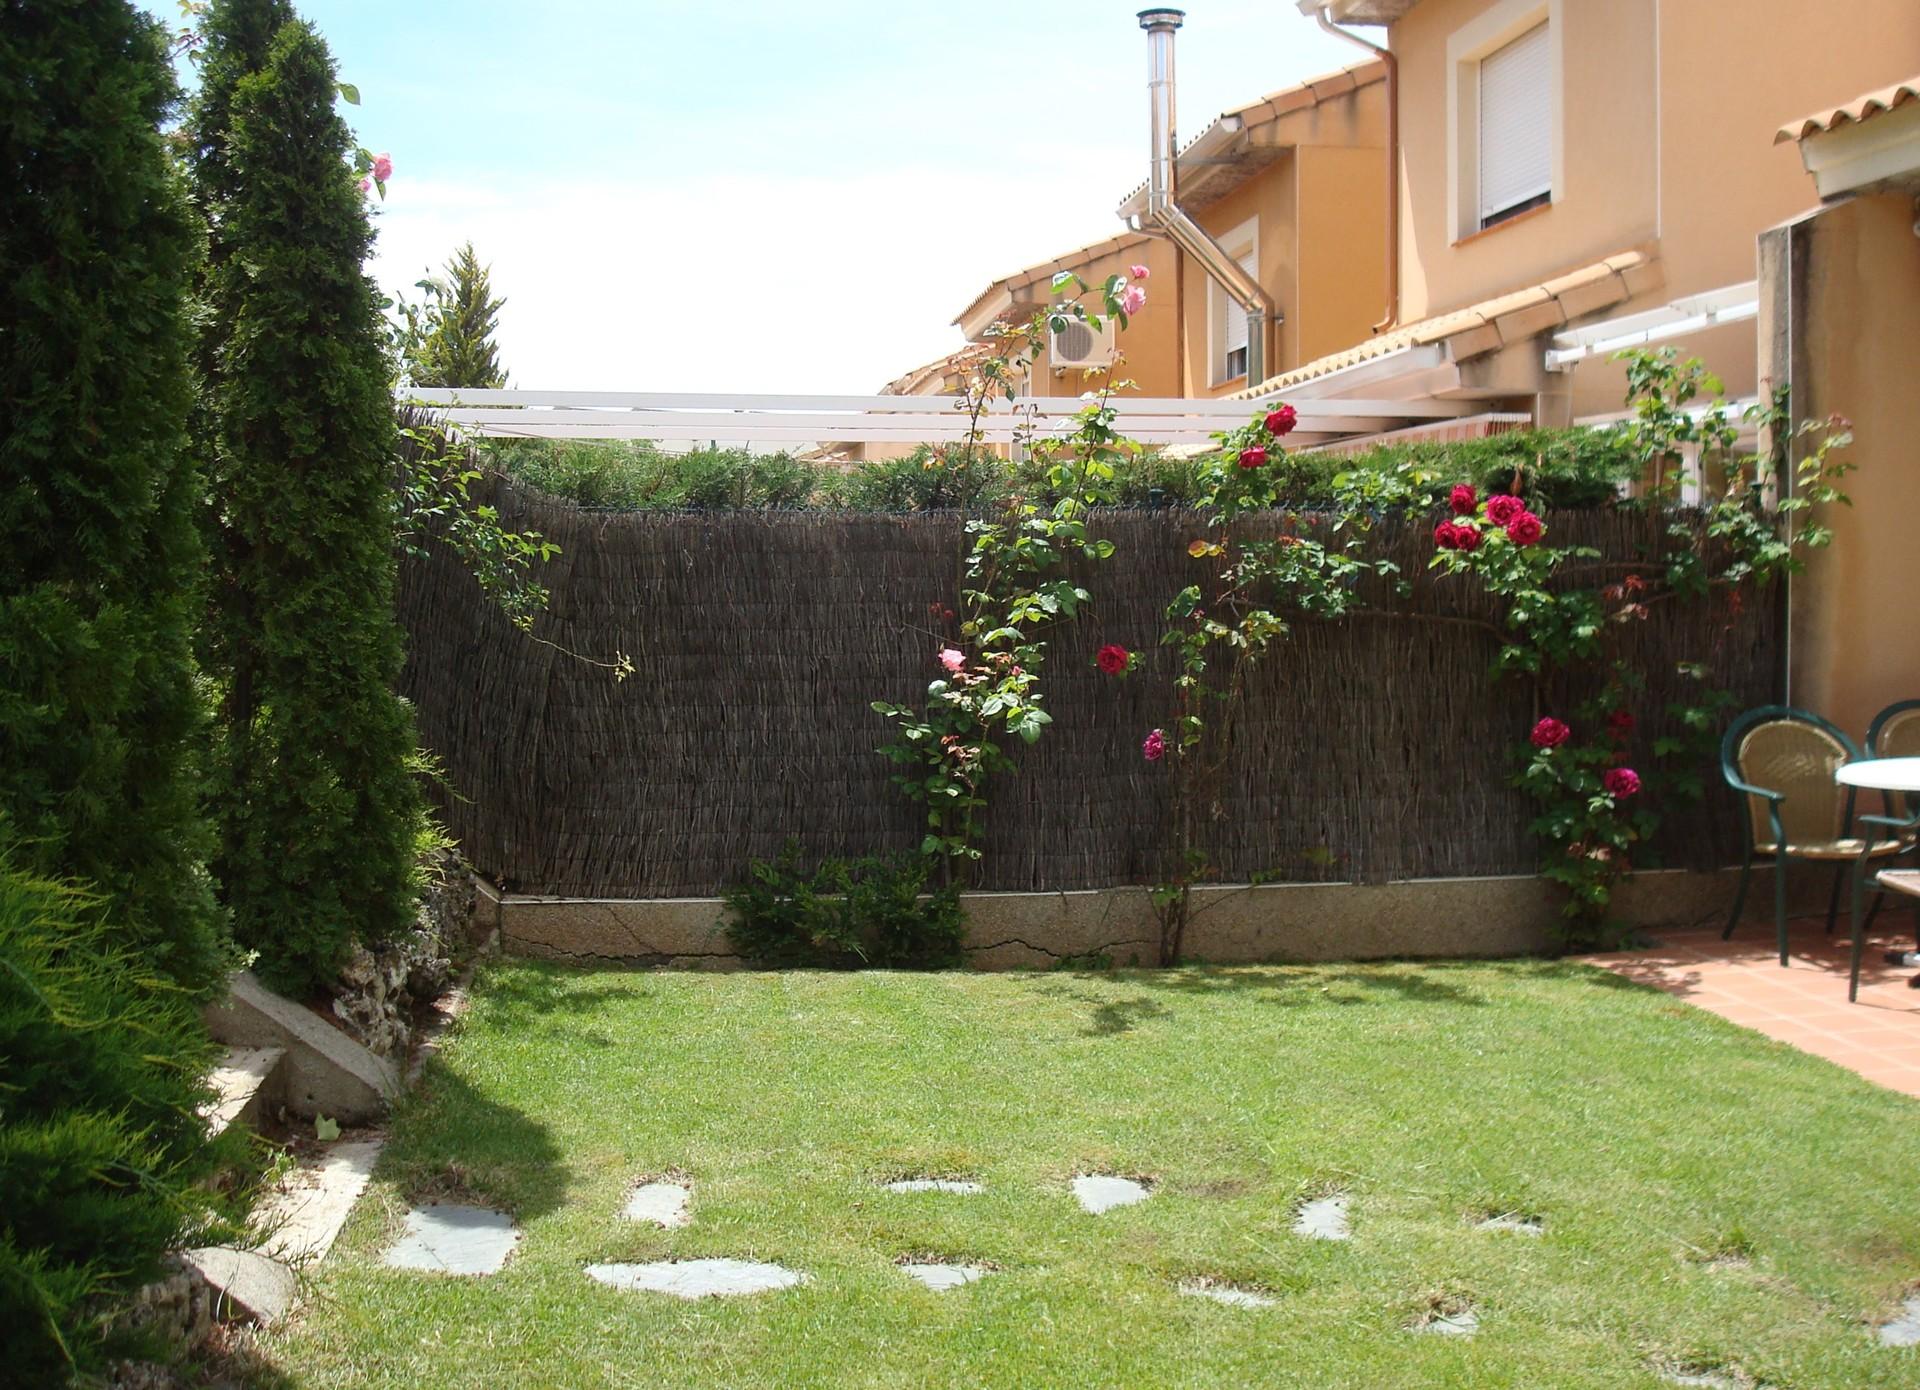 casa-con-jardin-cerca-de-la-universidad-60979889a6f1a89be34414f8d8cda04e